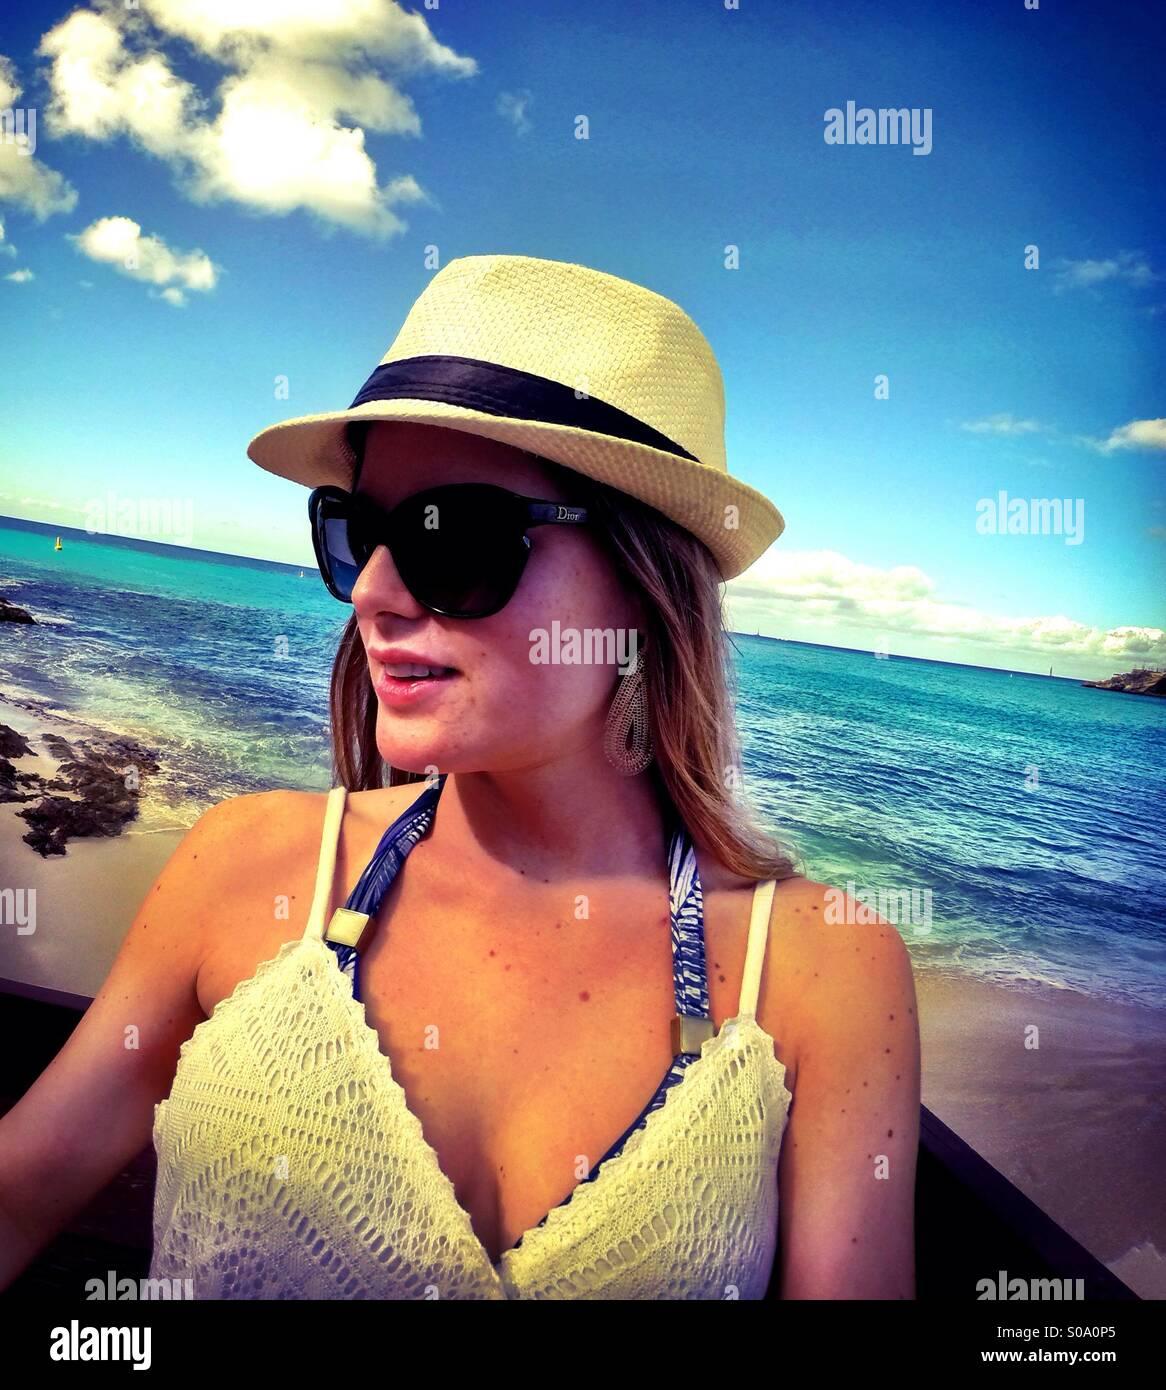 Îles des Caraïbes Saint Martin - mode, portrait, voyages, mode de vie Photo Stock